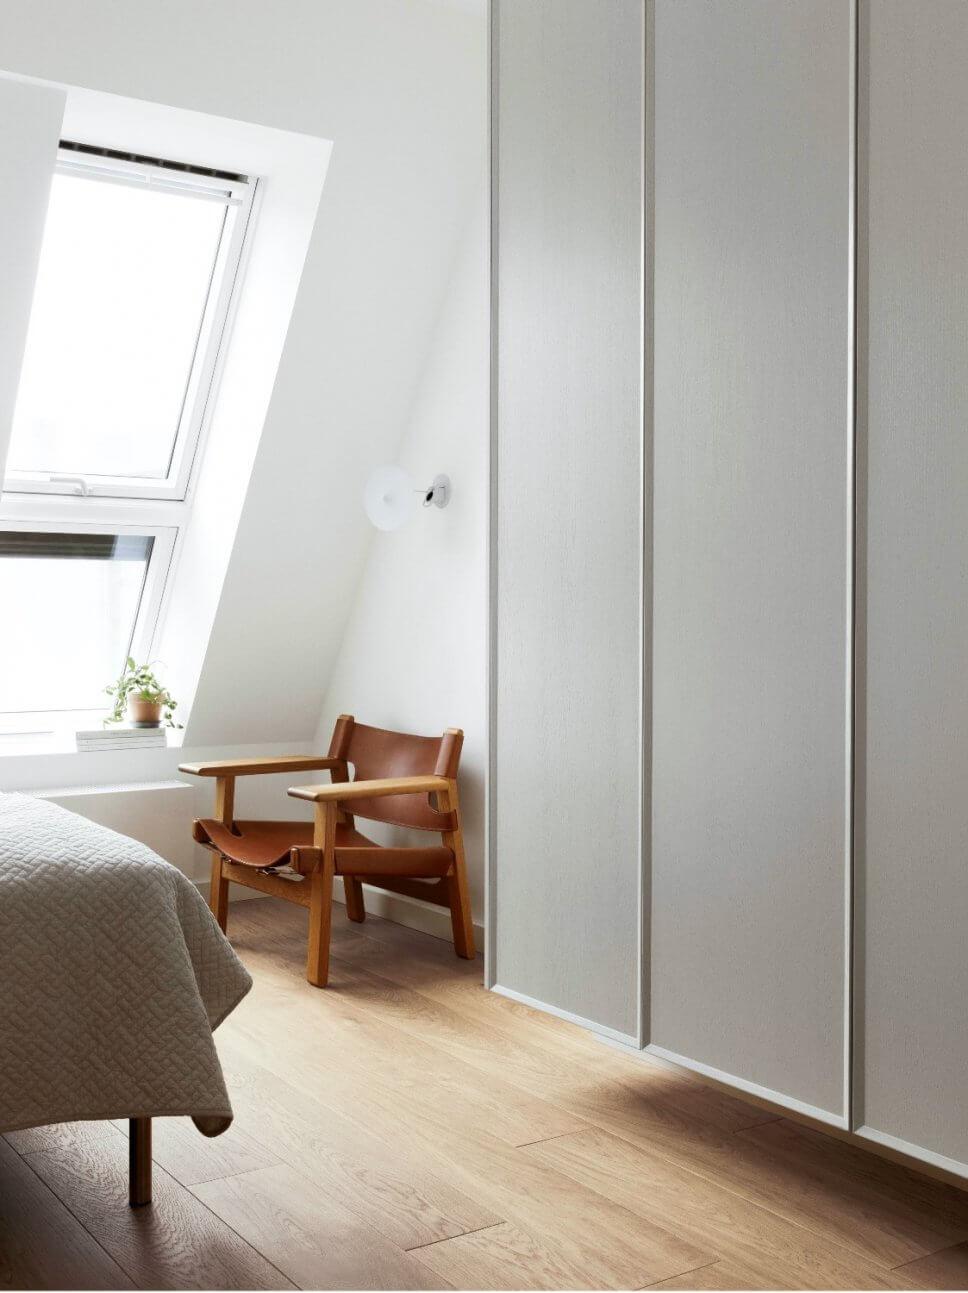 Modernes Schlafzimmer mit Dachschräge, Holzsessel und Kleiderschrank